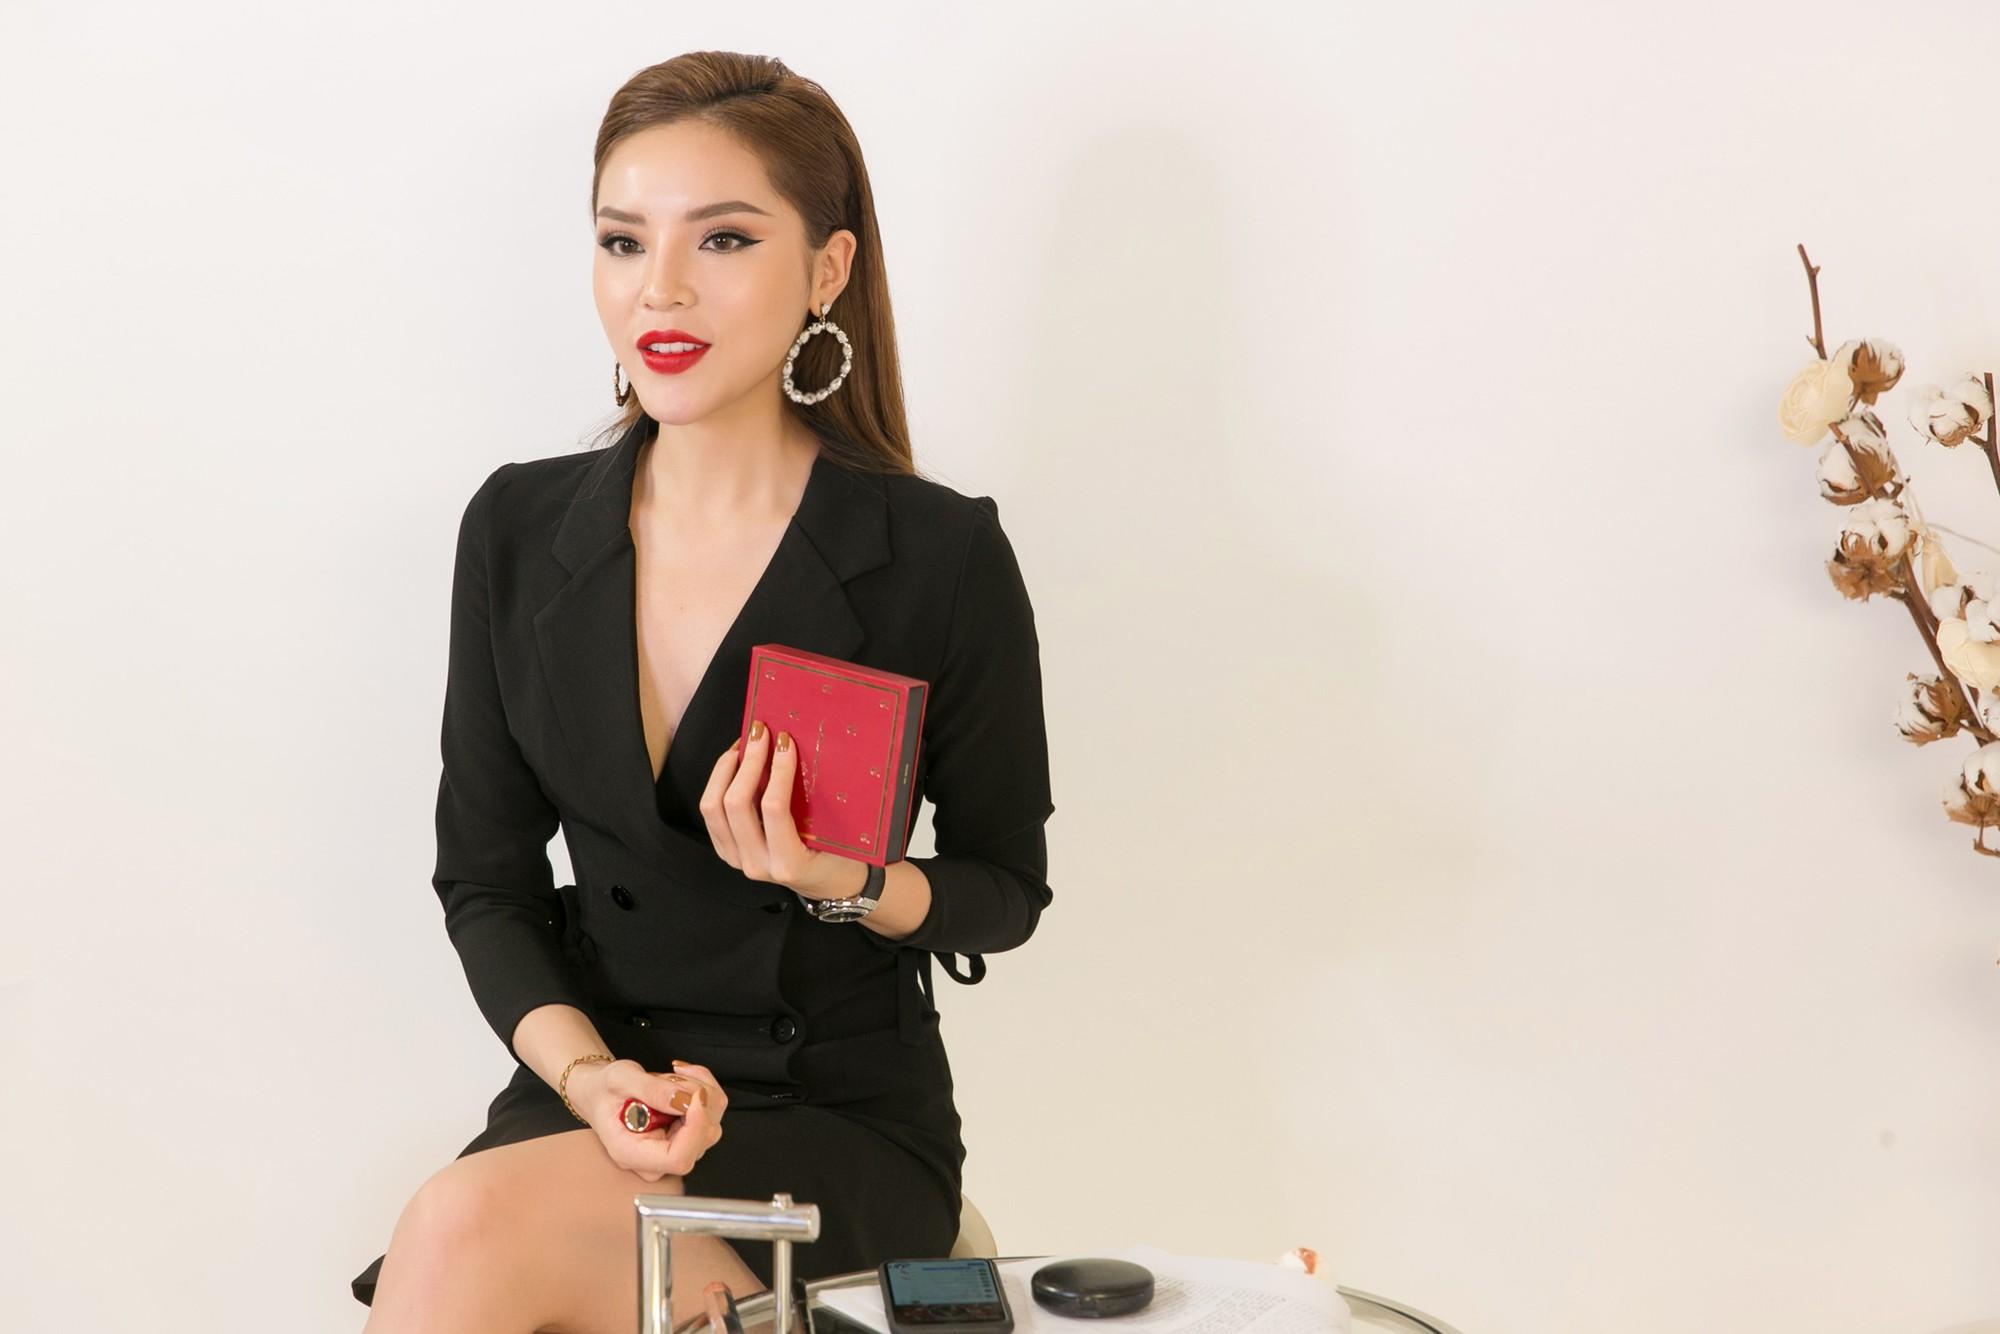 Nghe Hoa hậu Kỳ Duyên test 3 cây son cực hot của Vavachi mùa Valentine - Ảnh 3.